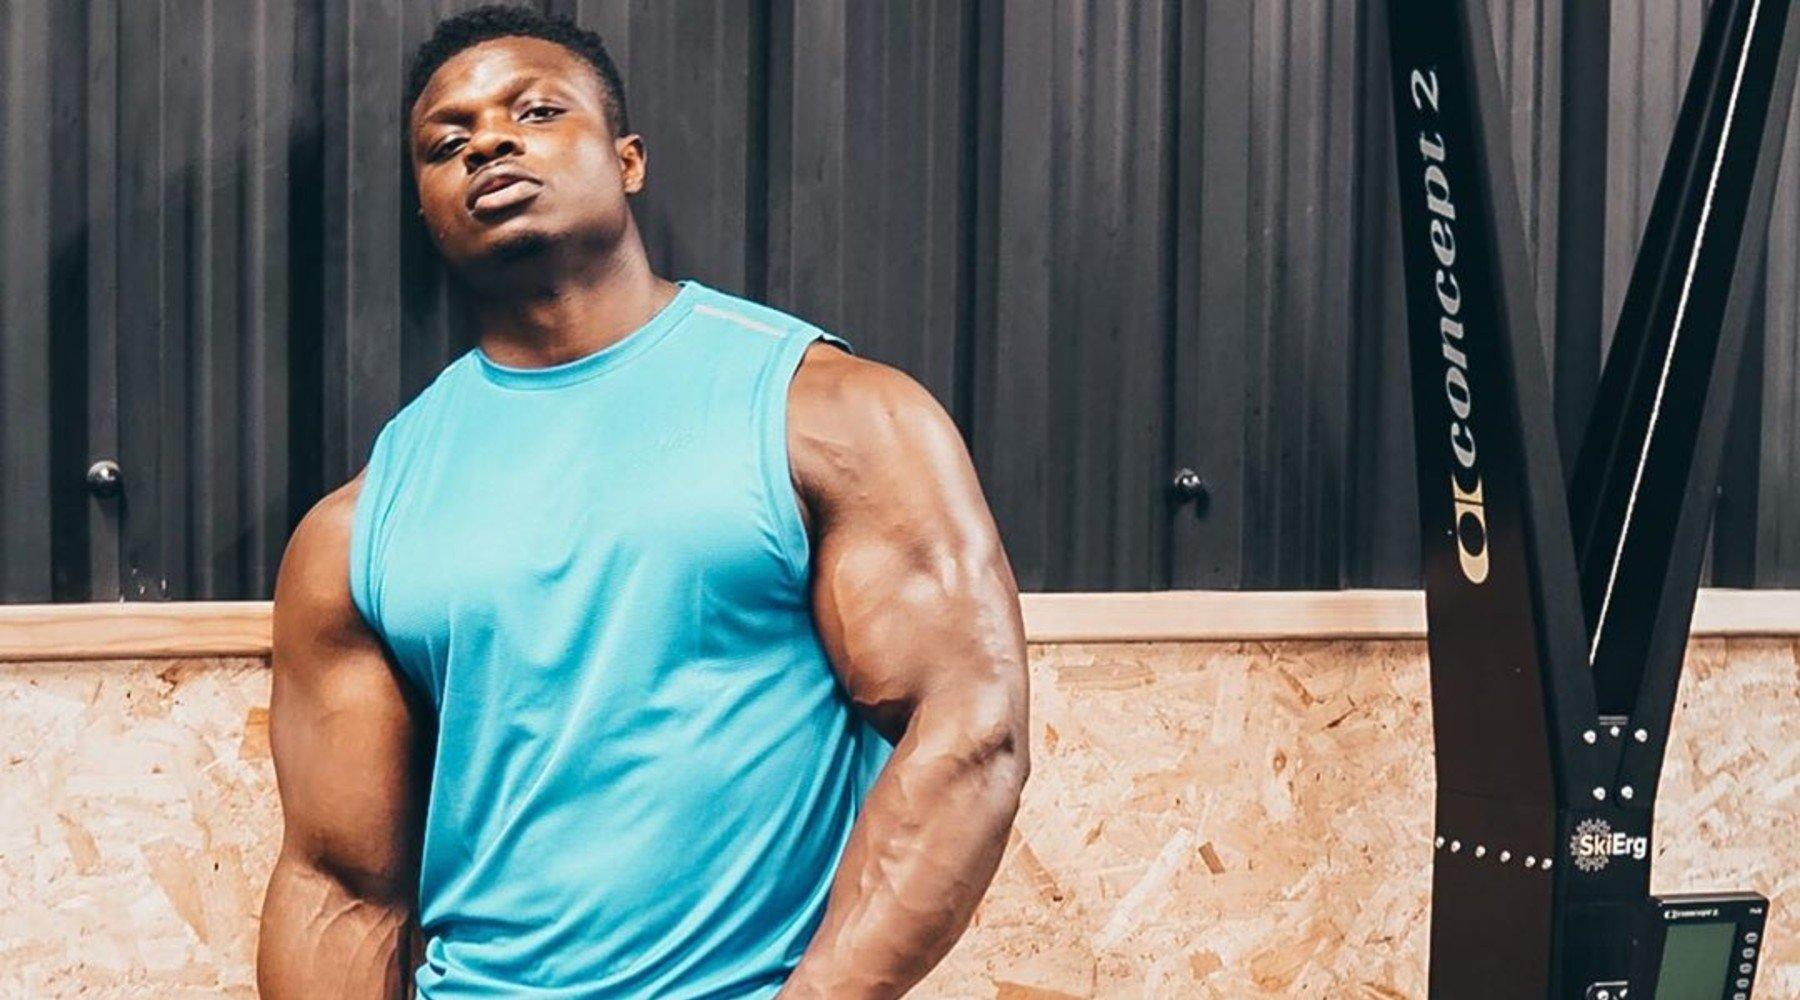 Tréning rúk s physique atlétom Abou Konate | Efektívne cviky na veľké ruky